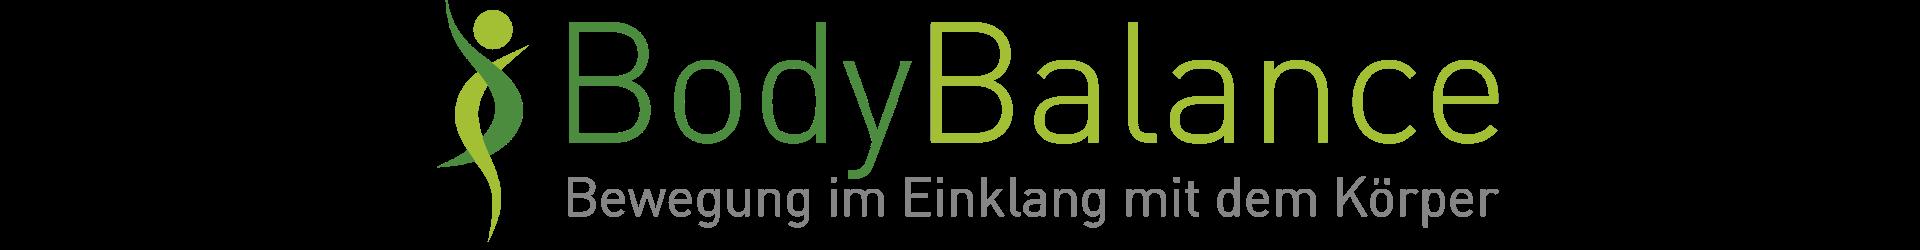 Bodybalance Duisburg